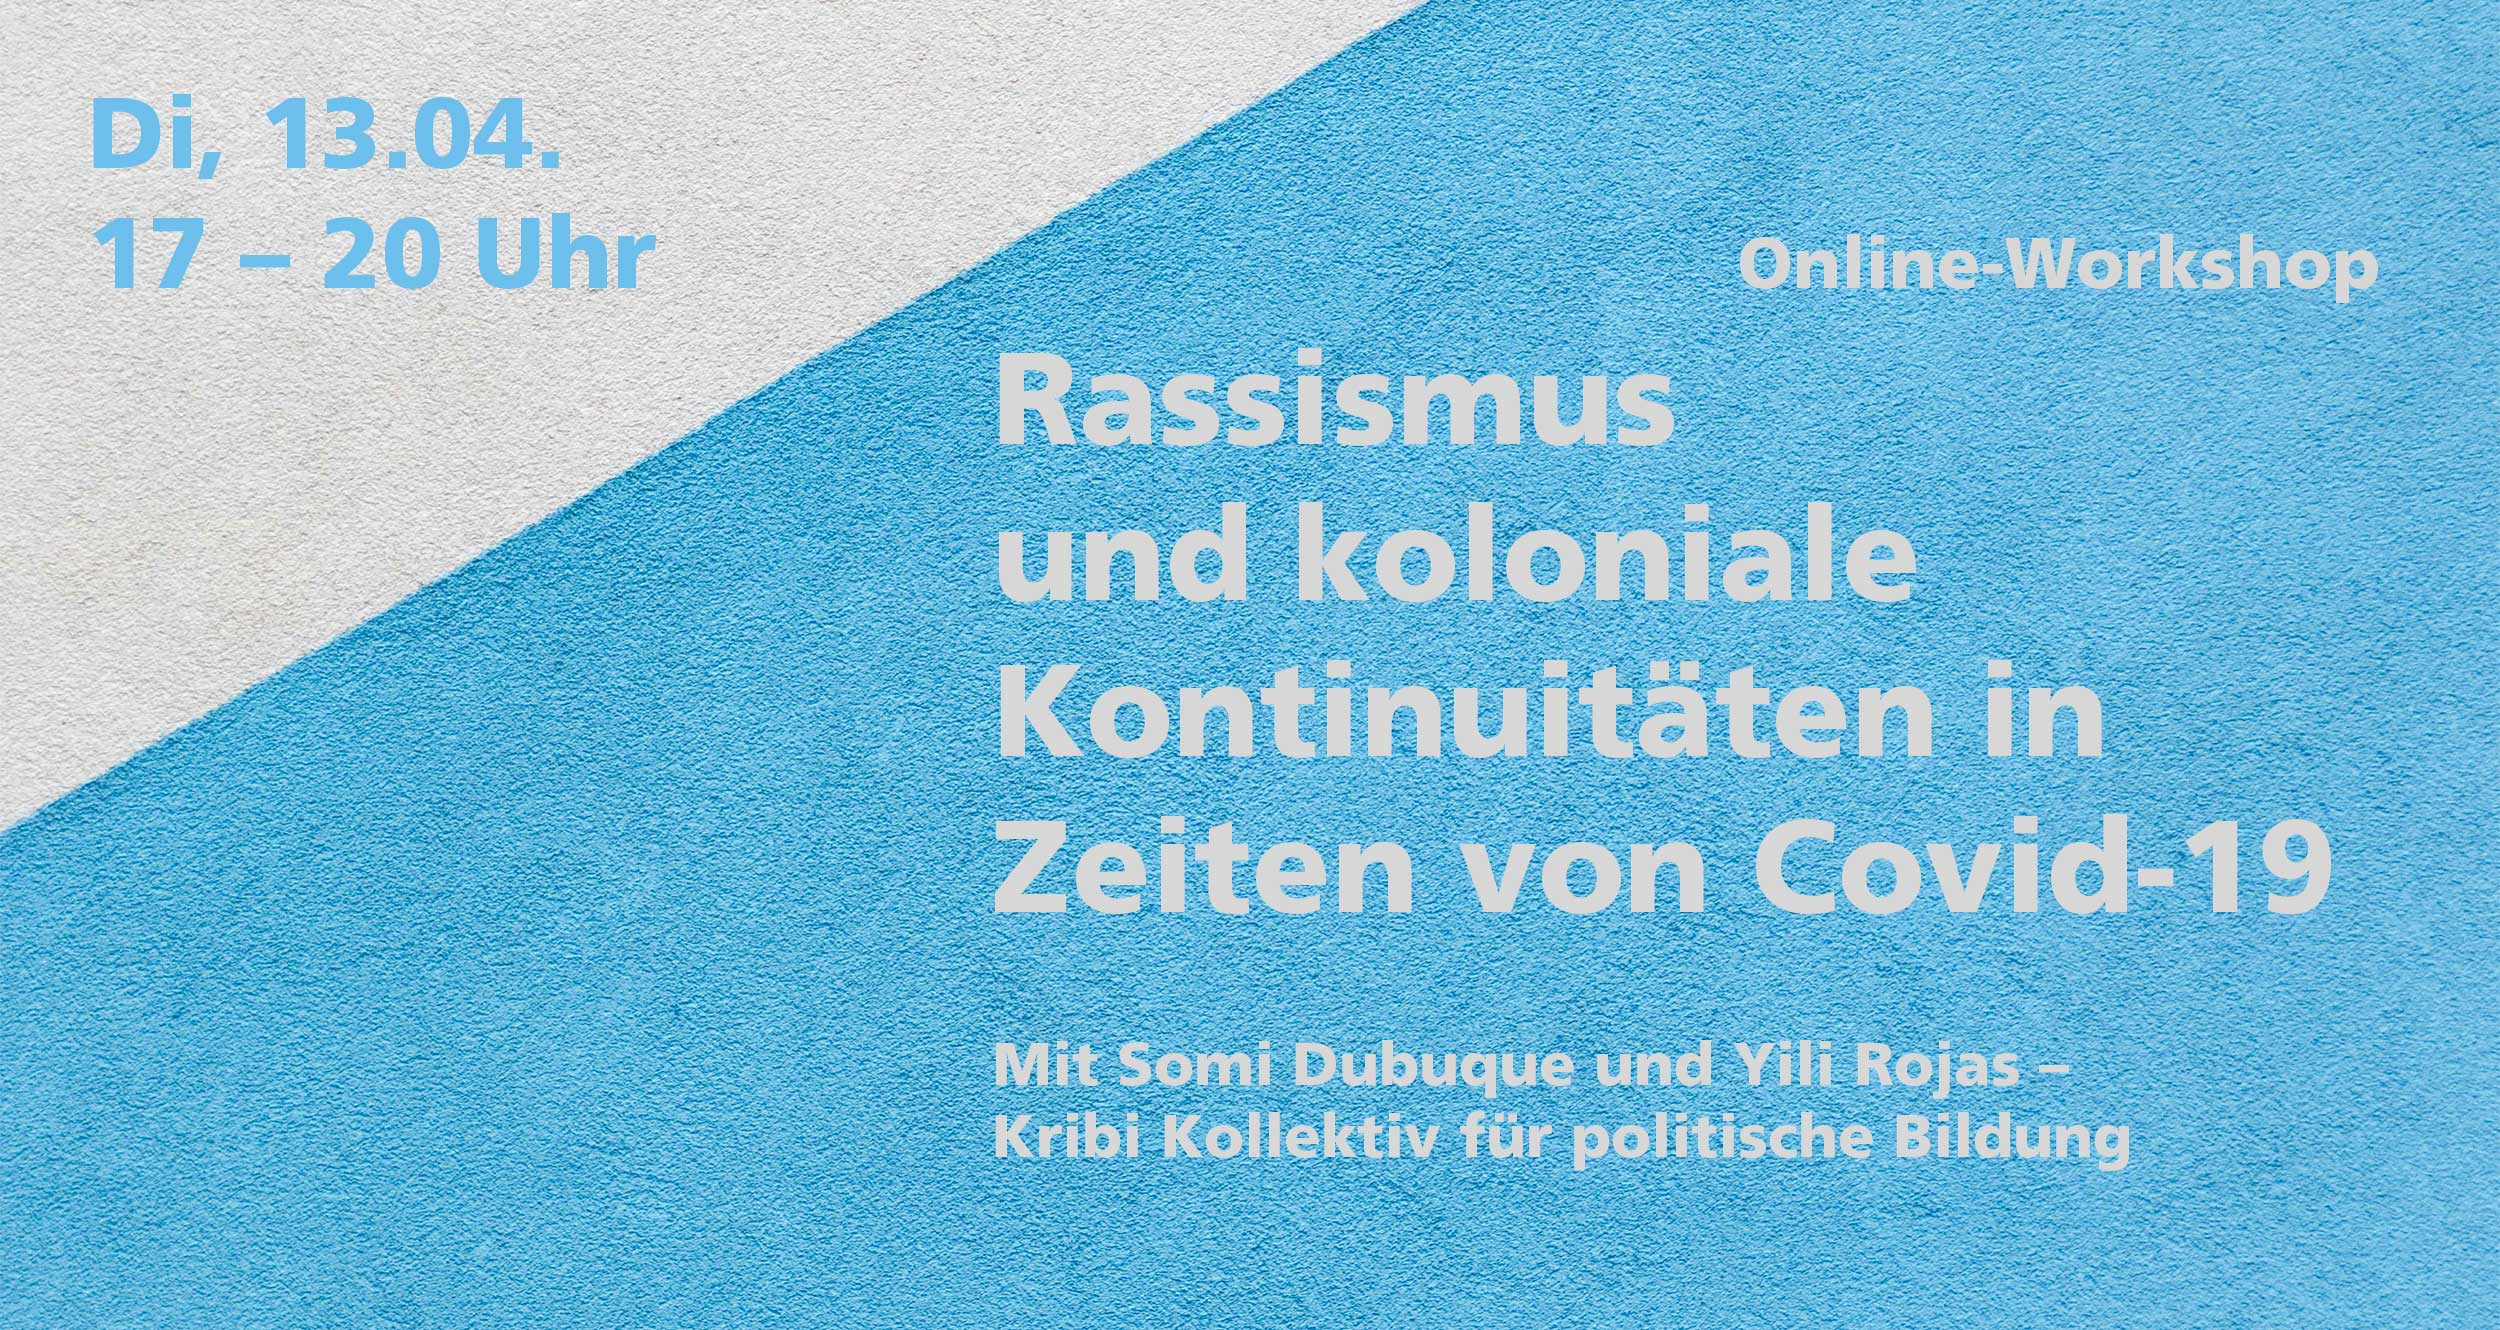 Grafik zur Veranstaltung Rassismus-und-koloniale-Kontinuitäten.Credits: Wallpaper Paweł Czerwiński/Unsplash